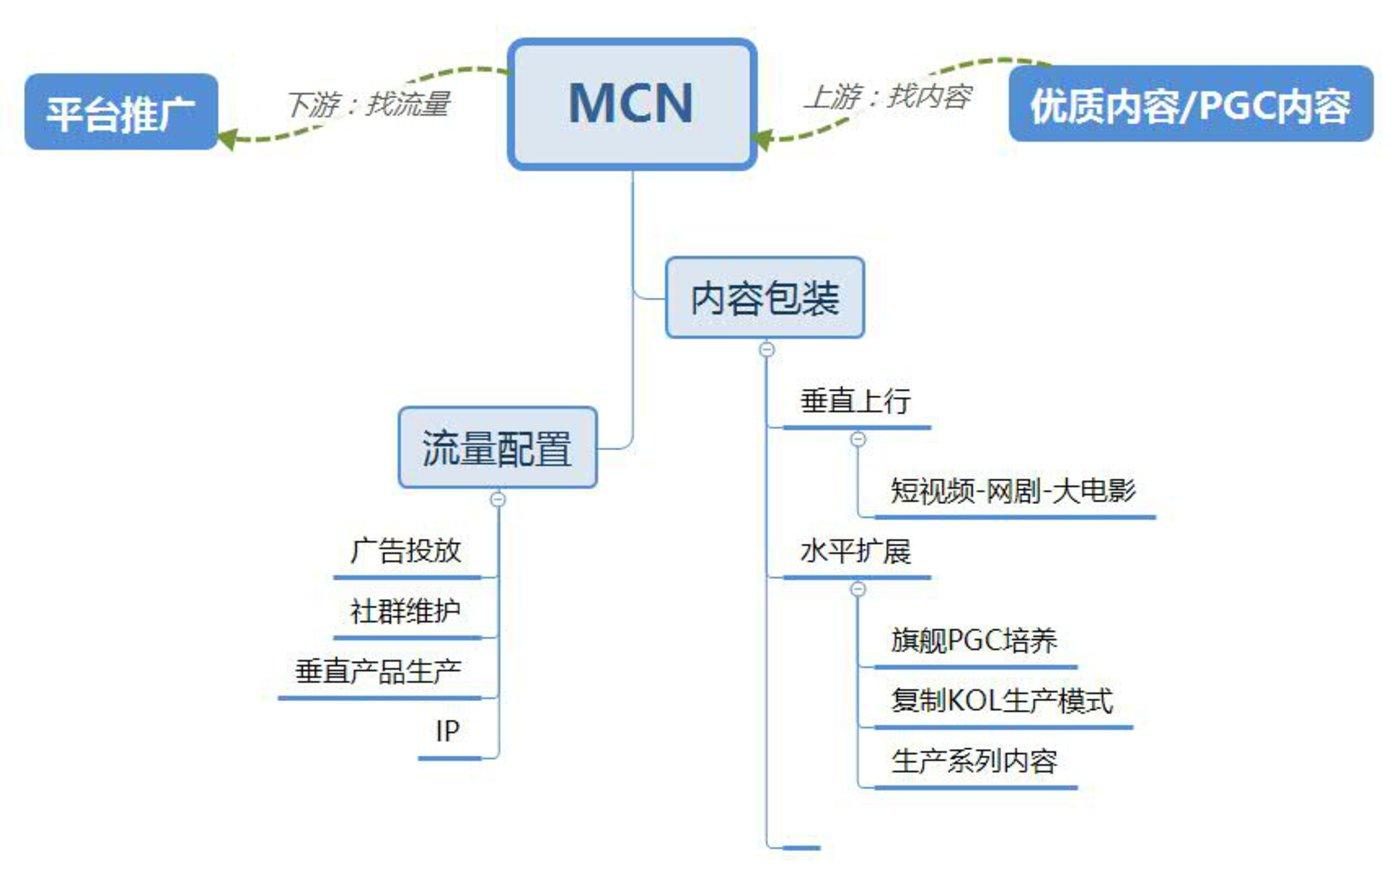 """(MCN机构一般情况下,本质更像""""中介公司""""或""""广告公司"""")"""